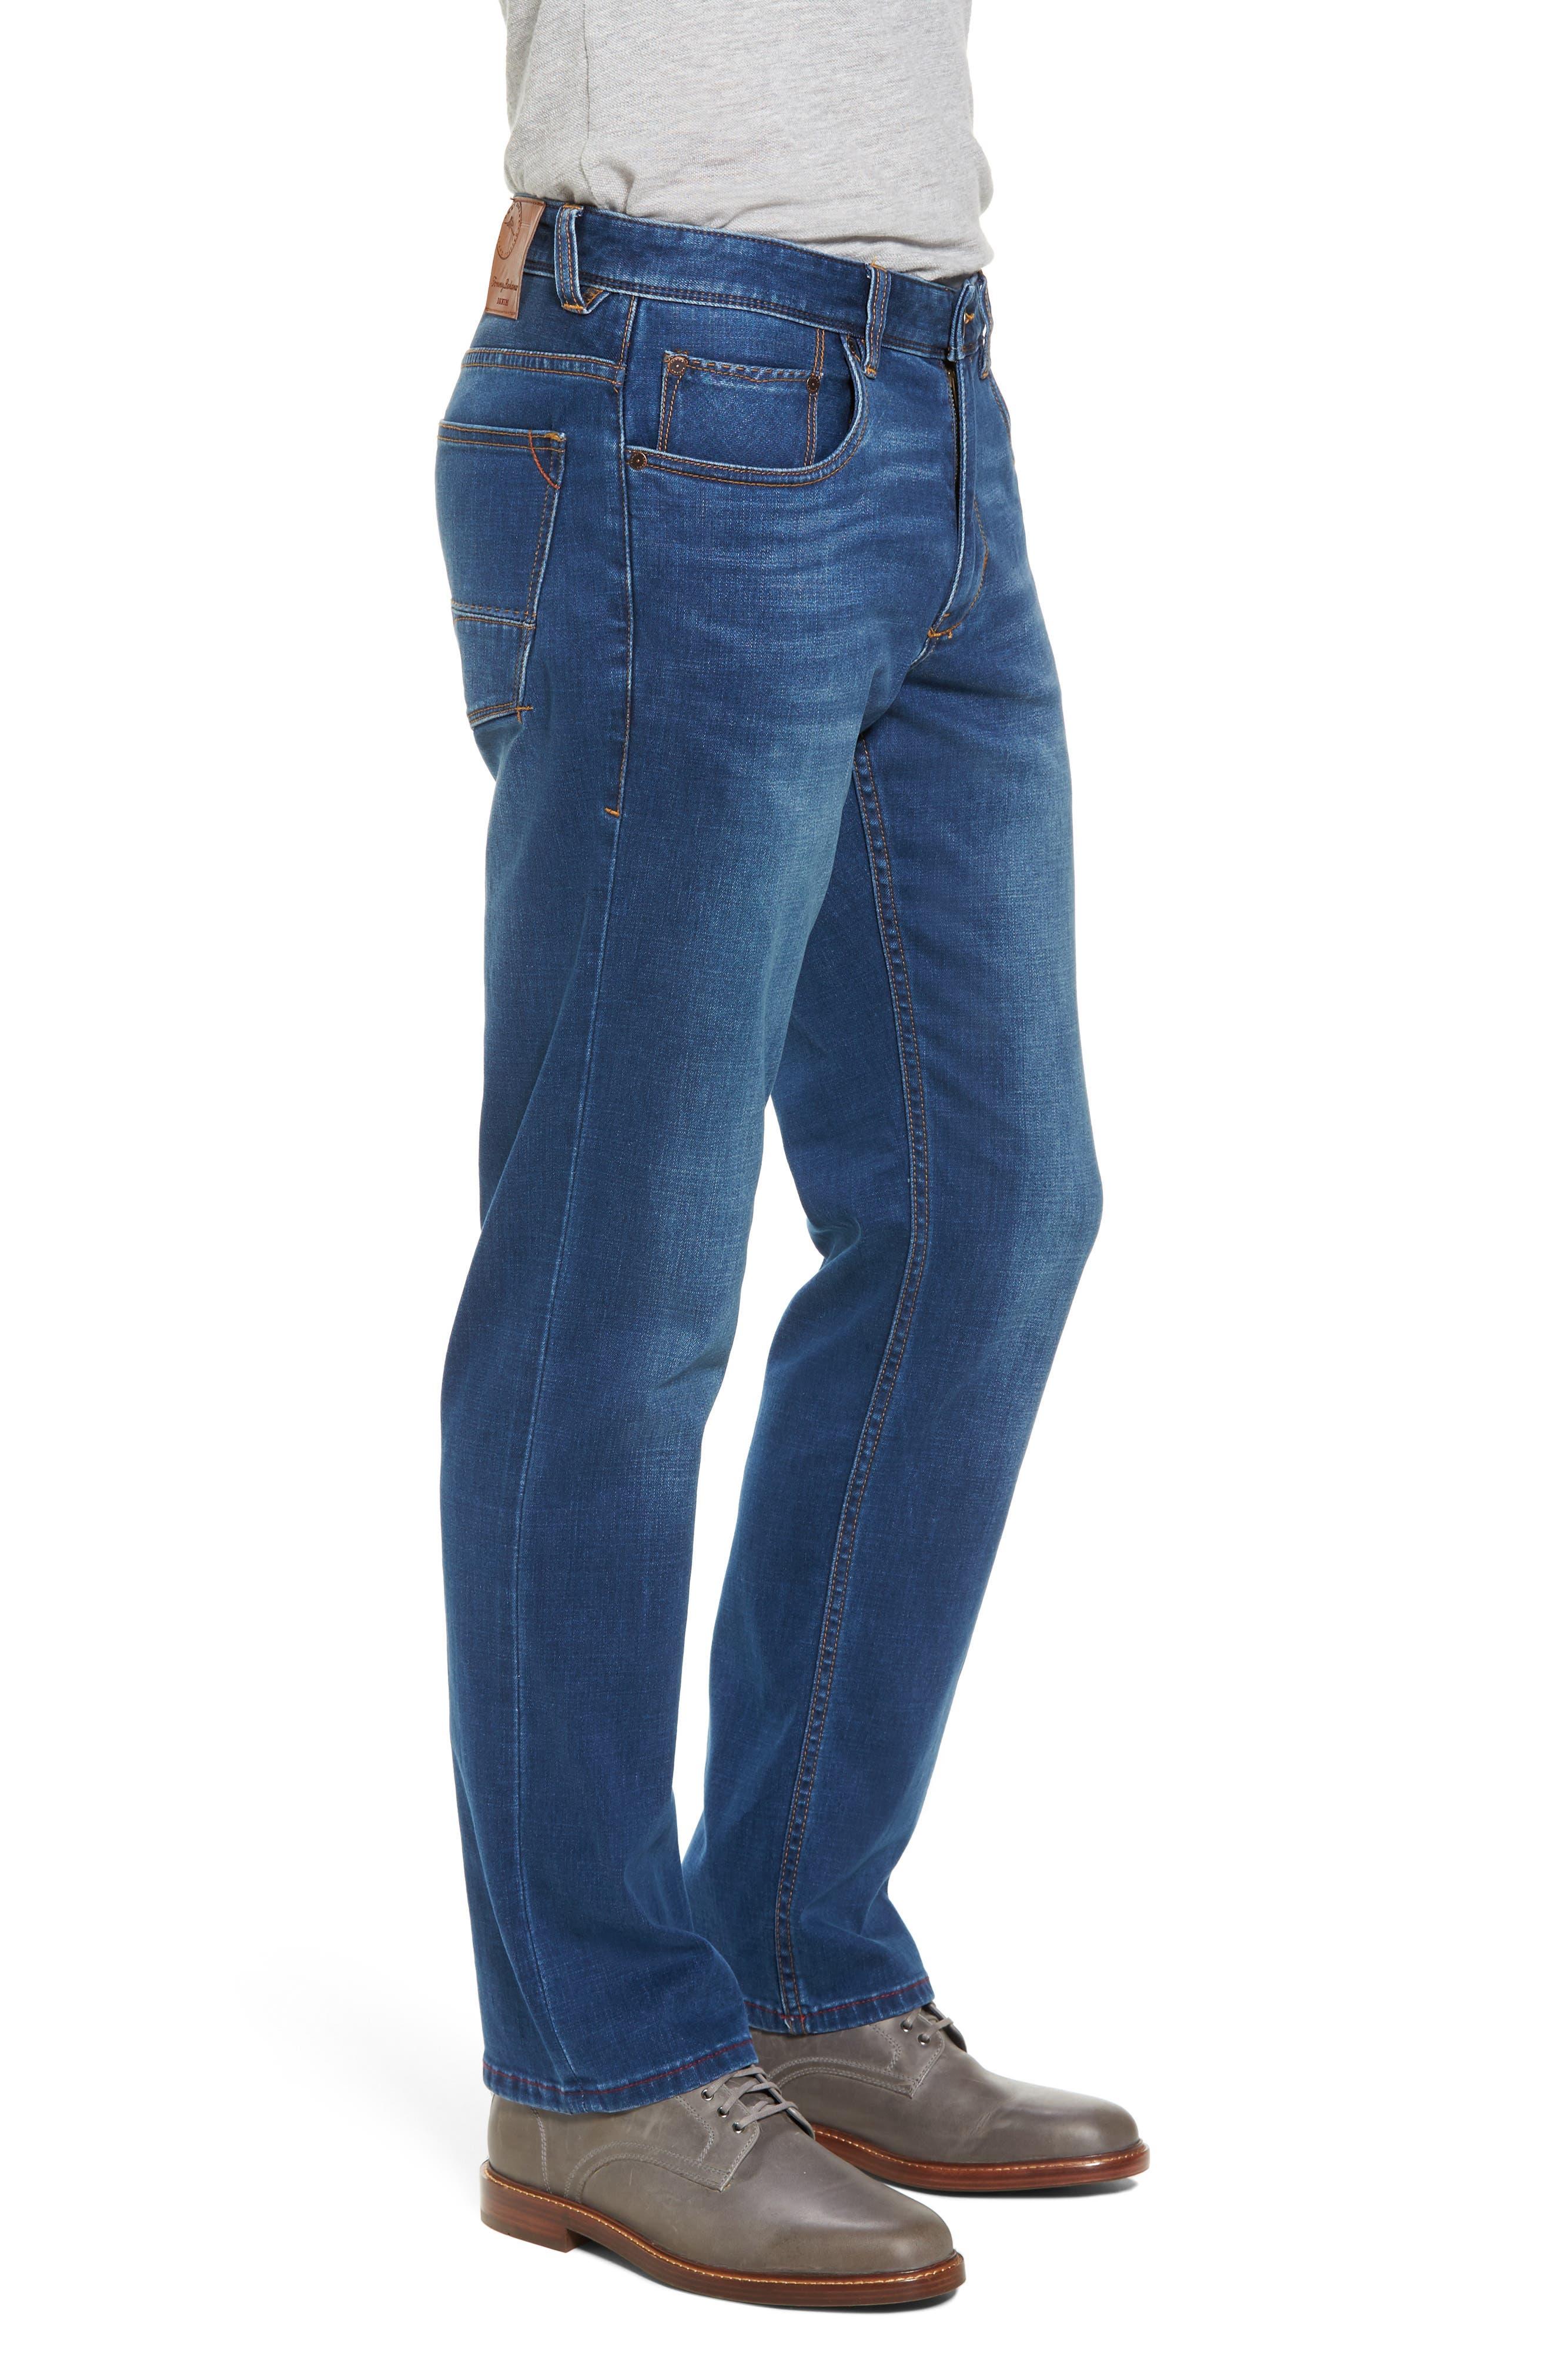 Caicos Authentic Fit Jeans,                             Alternate thumbnail 3, color,                             Medium Indigo